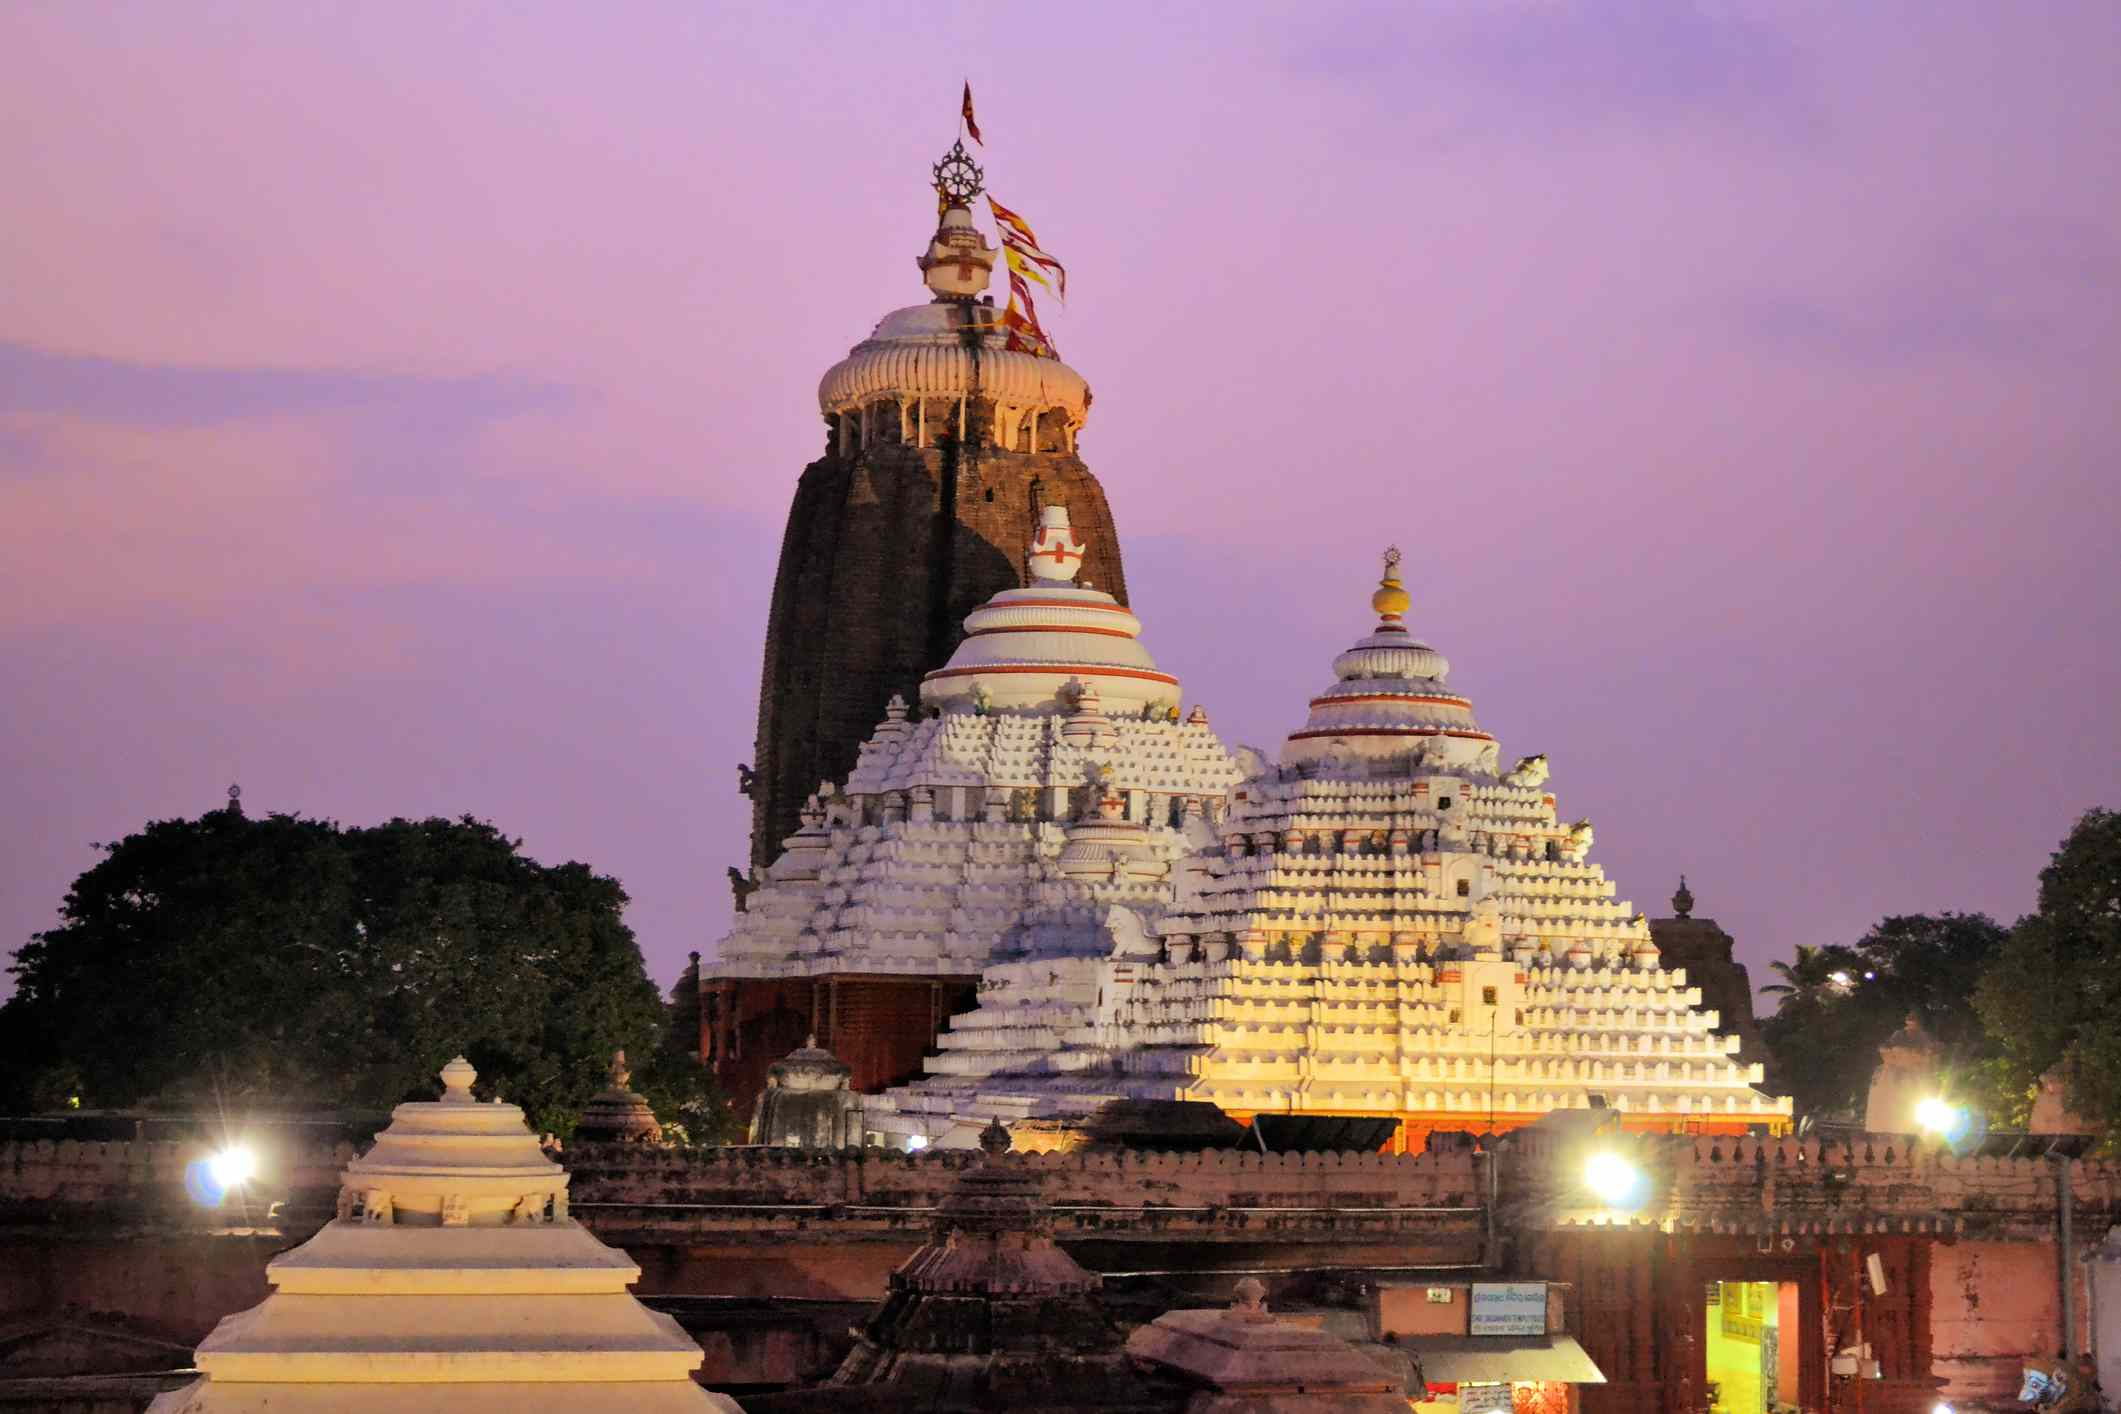 Puri temple.